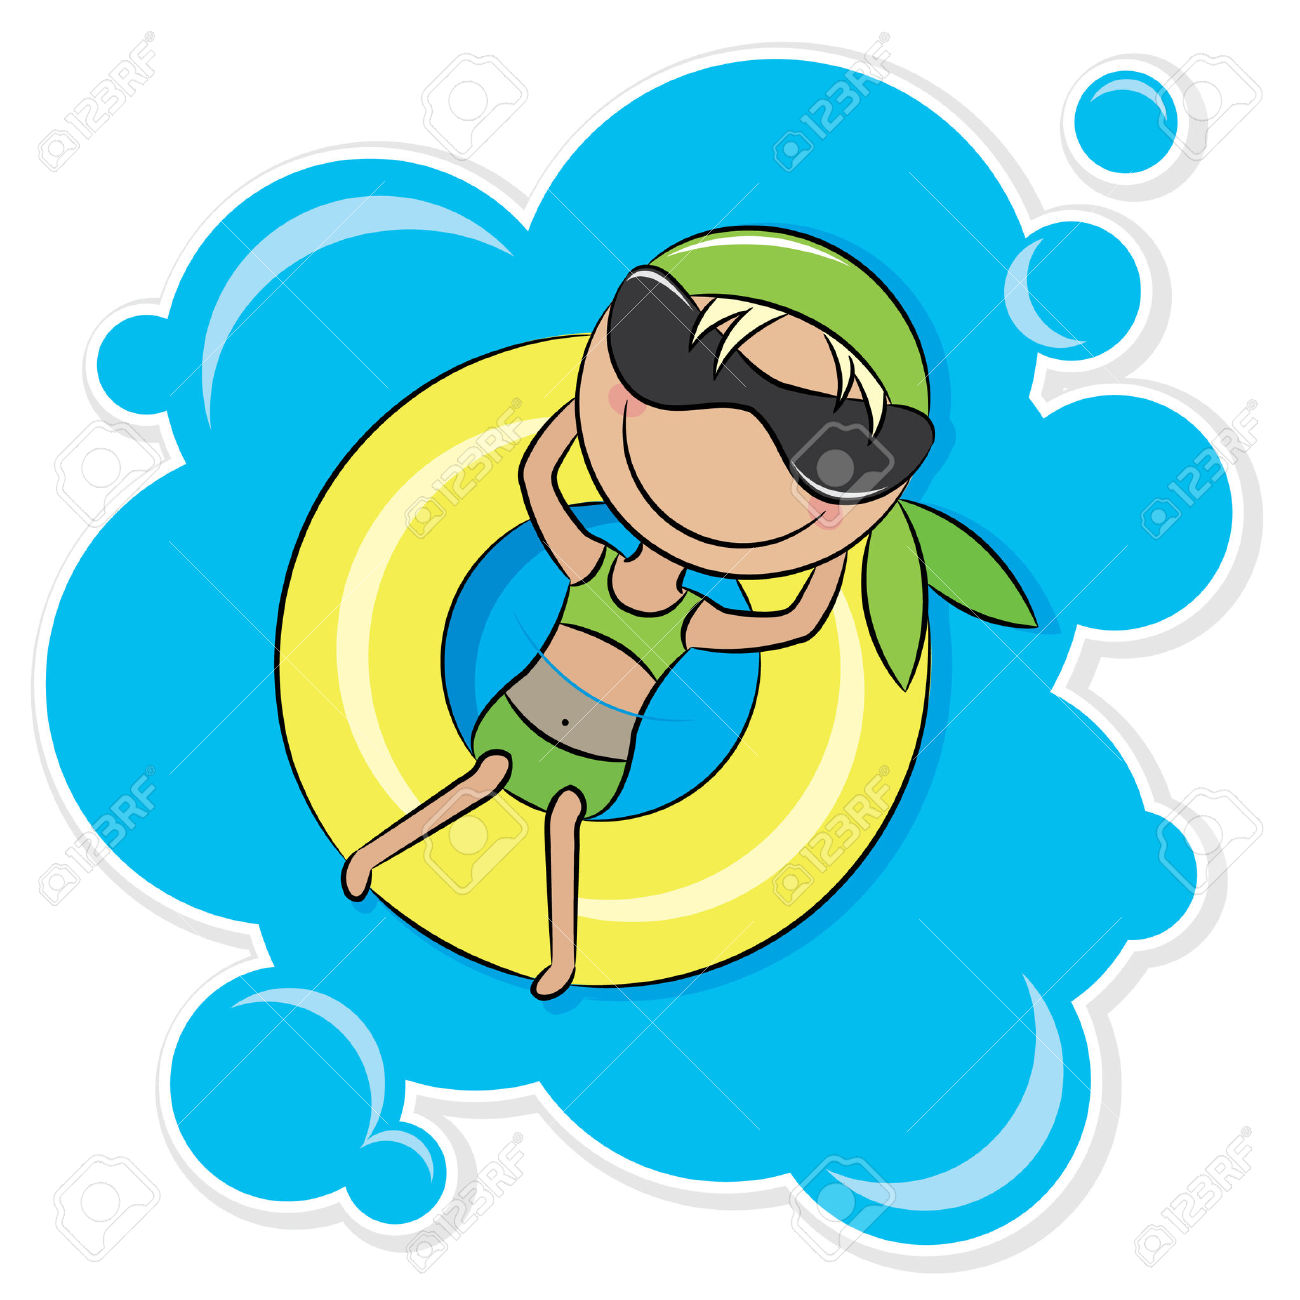 Inner tube clipart clip art stock Free Inner Tube Cliparts, Download Free Clip Art, Free Clip ... clip art stock